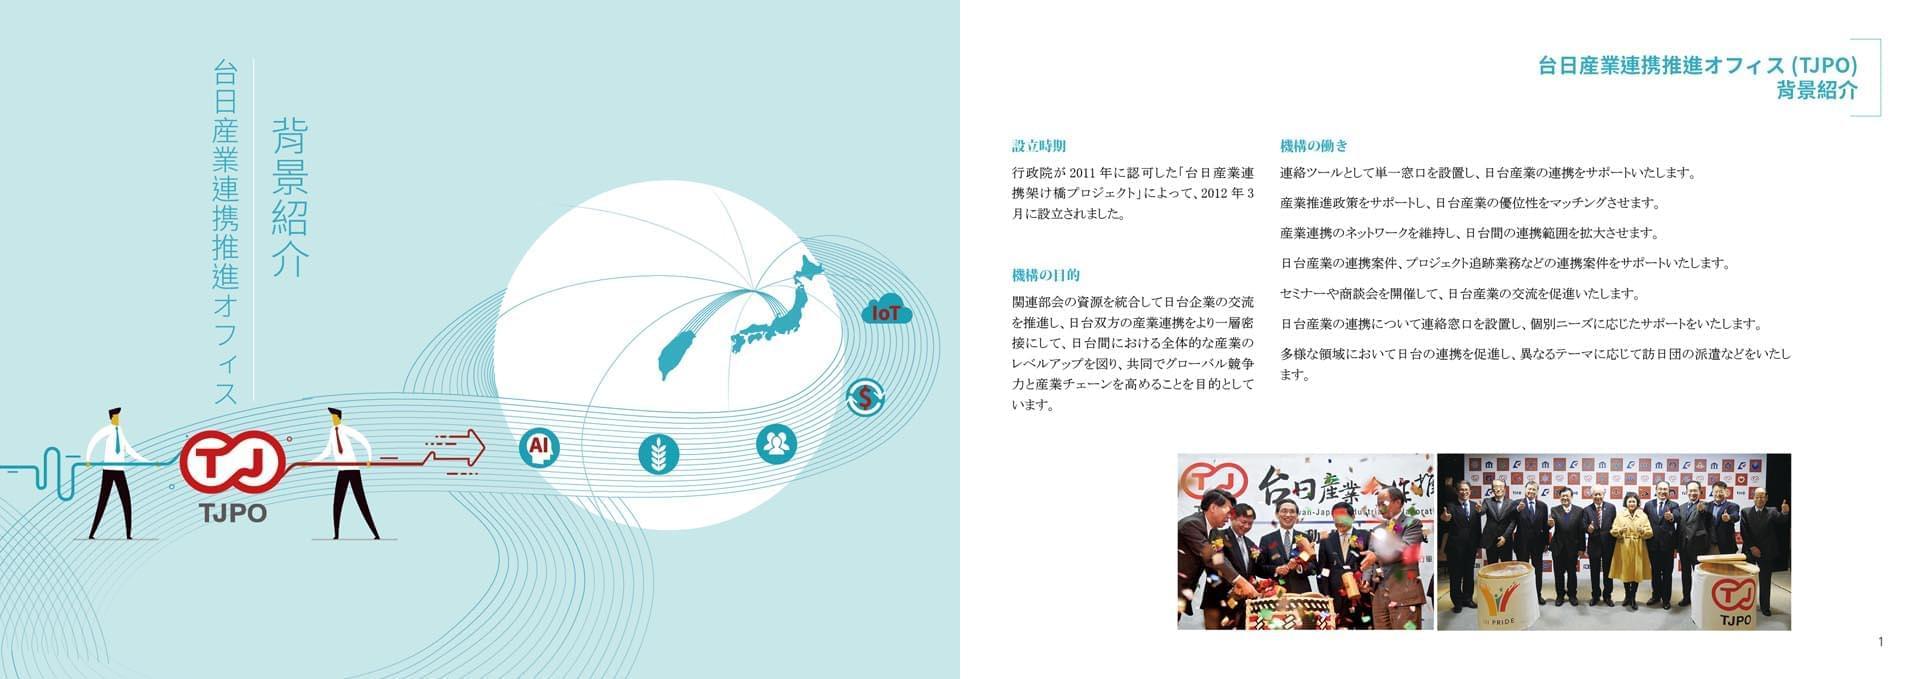 台日型錄-日文版60頁-第二次修改07023